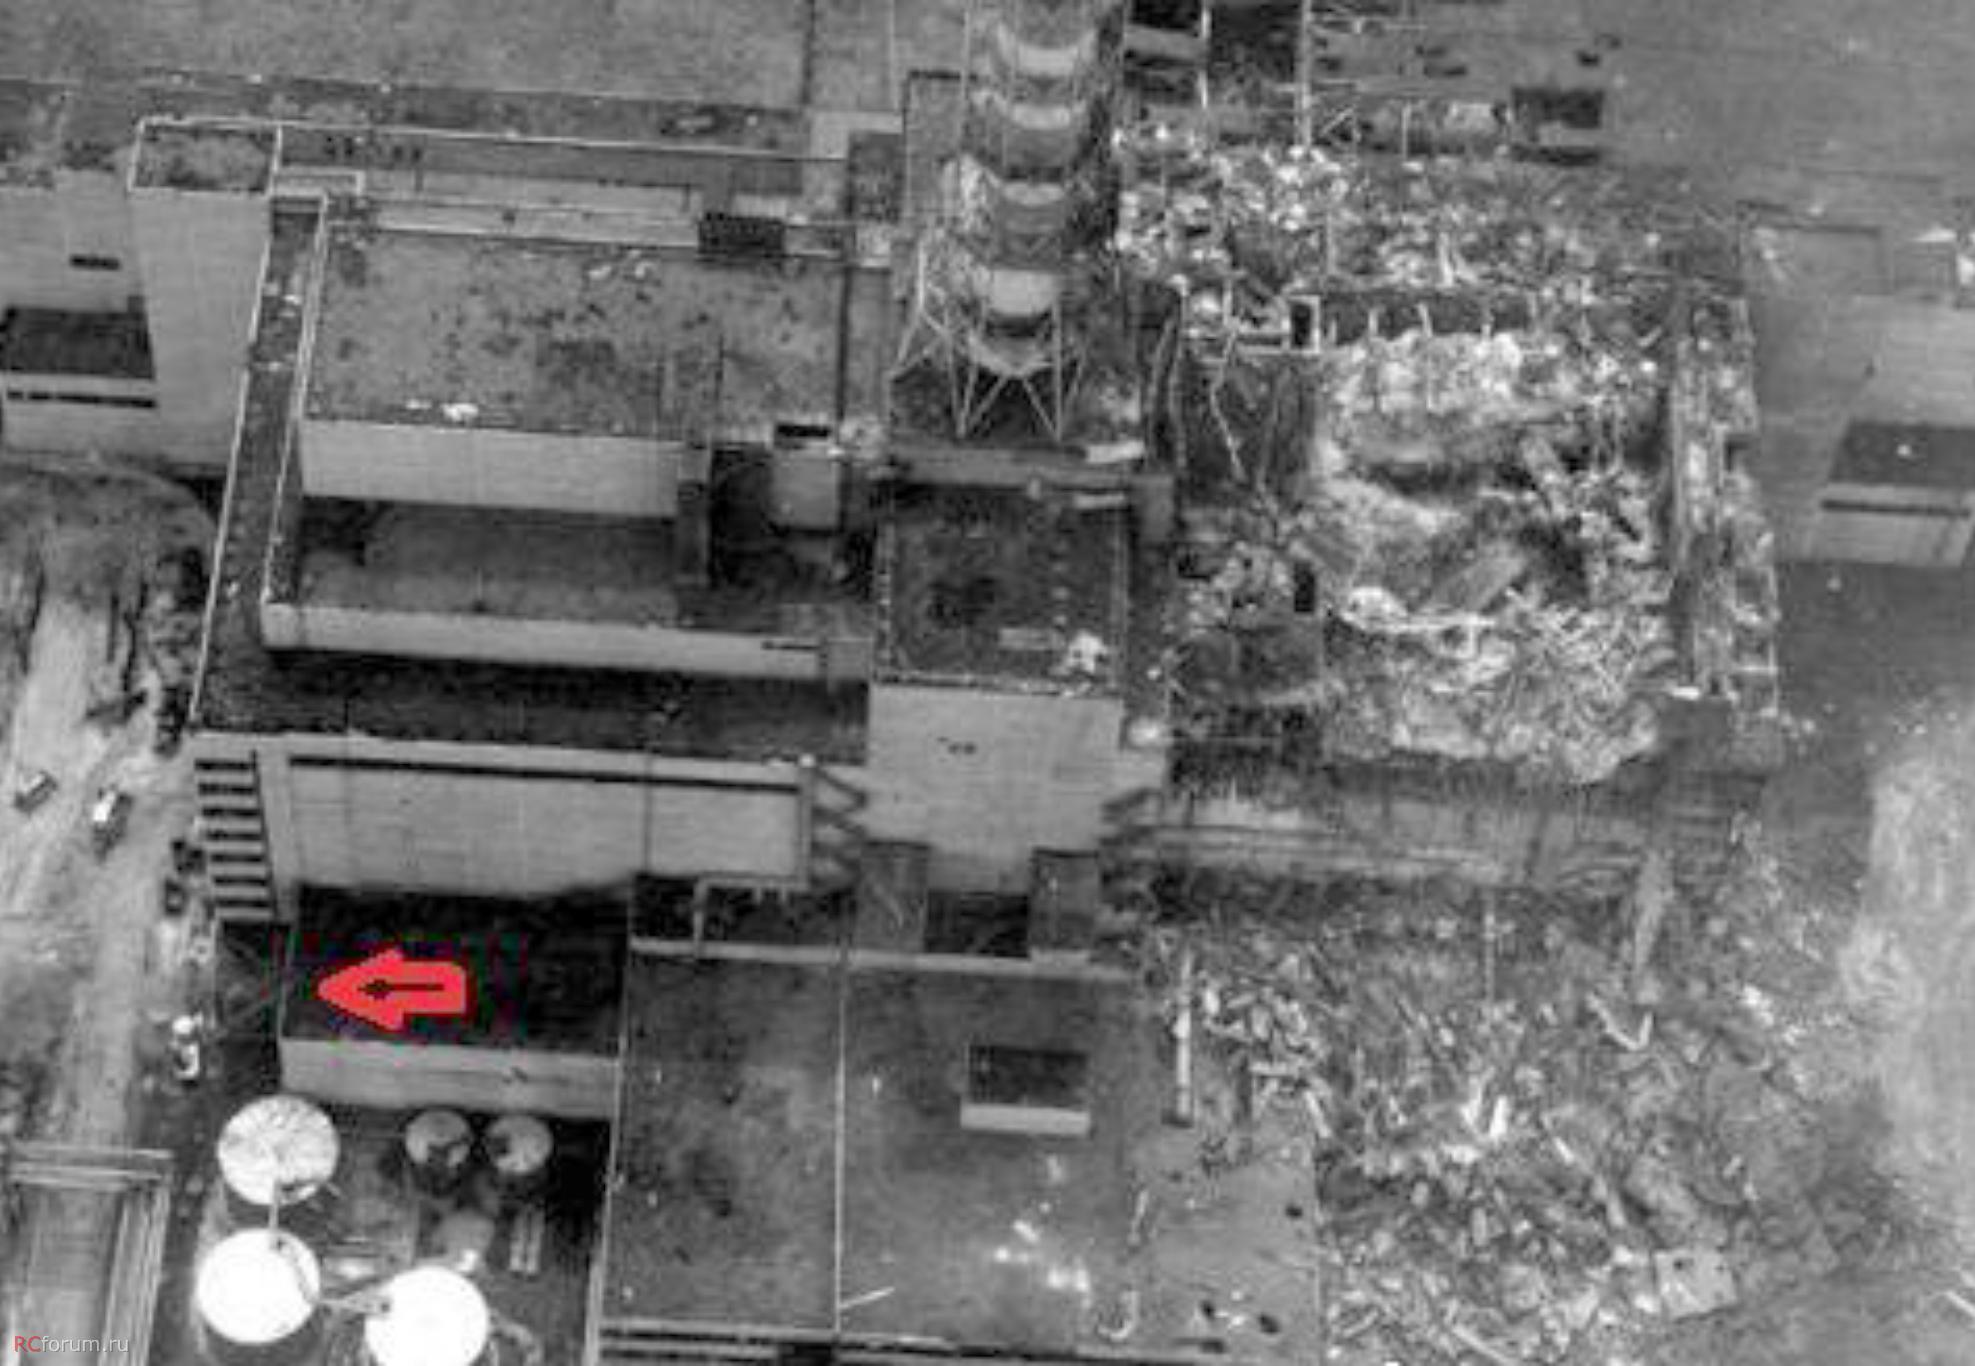 Ezen a helikopterről készített fotón a pripyati tűzoltók tolólétrás járműve még mindig a reaktorcsarnok melletti épület tetejére van kitolva.